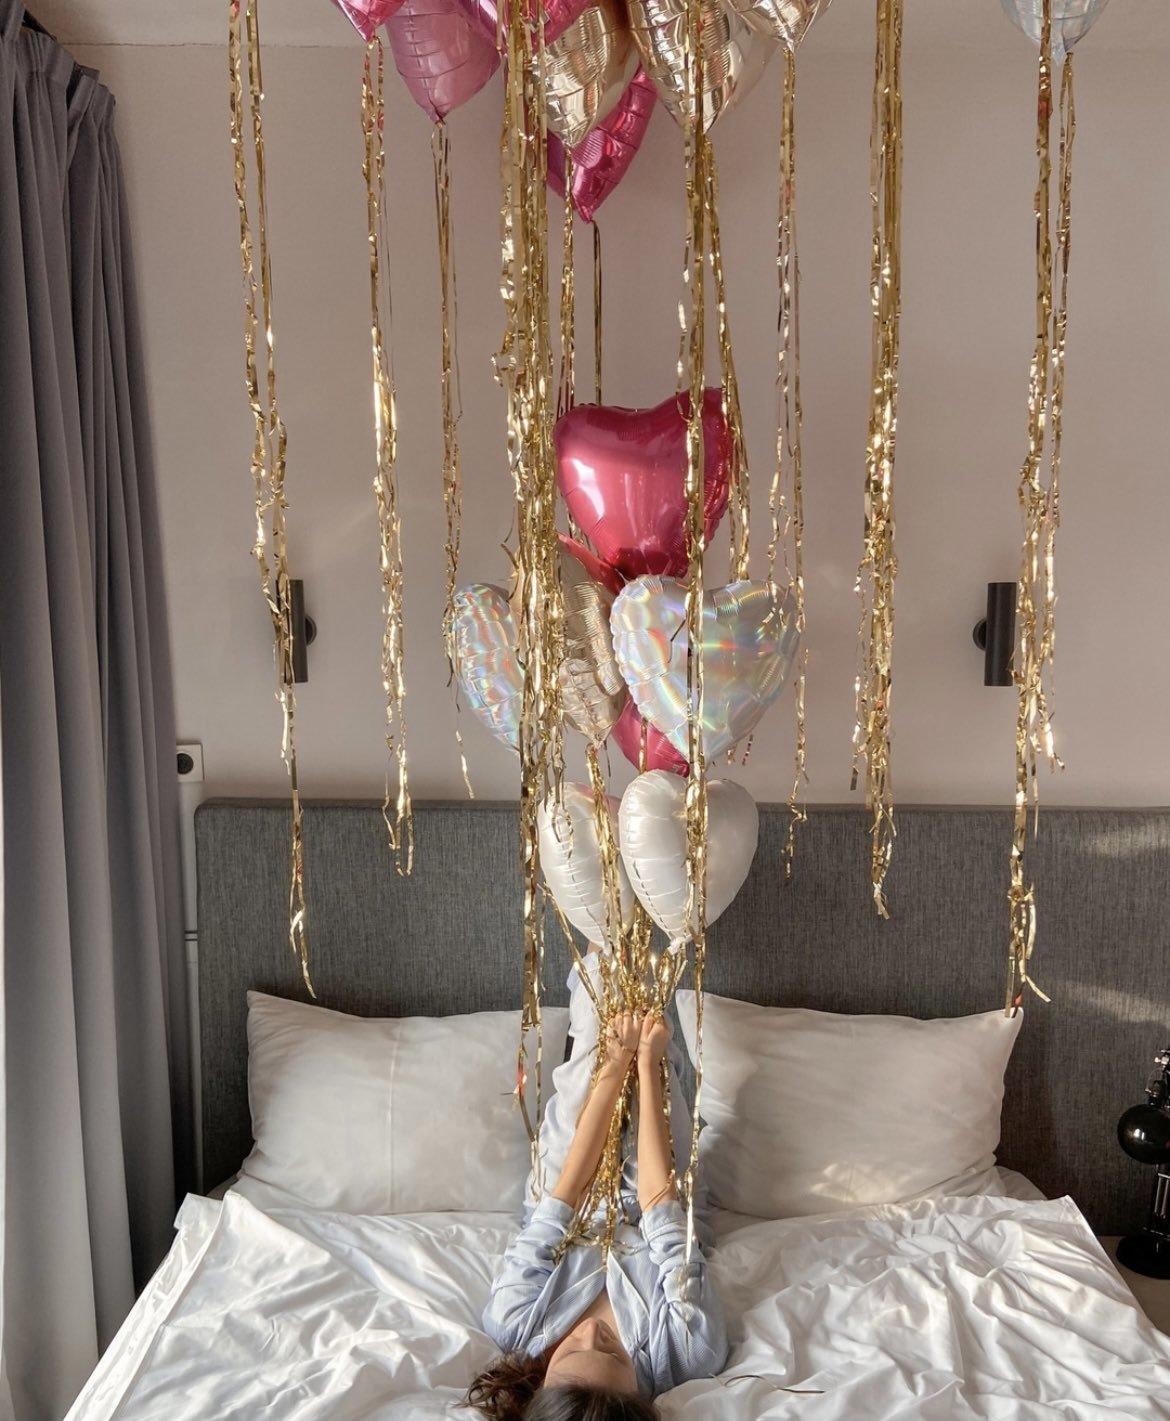 БЕСПЛАТНАЯ доставка голландских тюльпанов к вашему дому!, фото-17